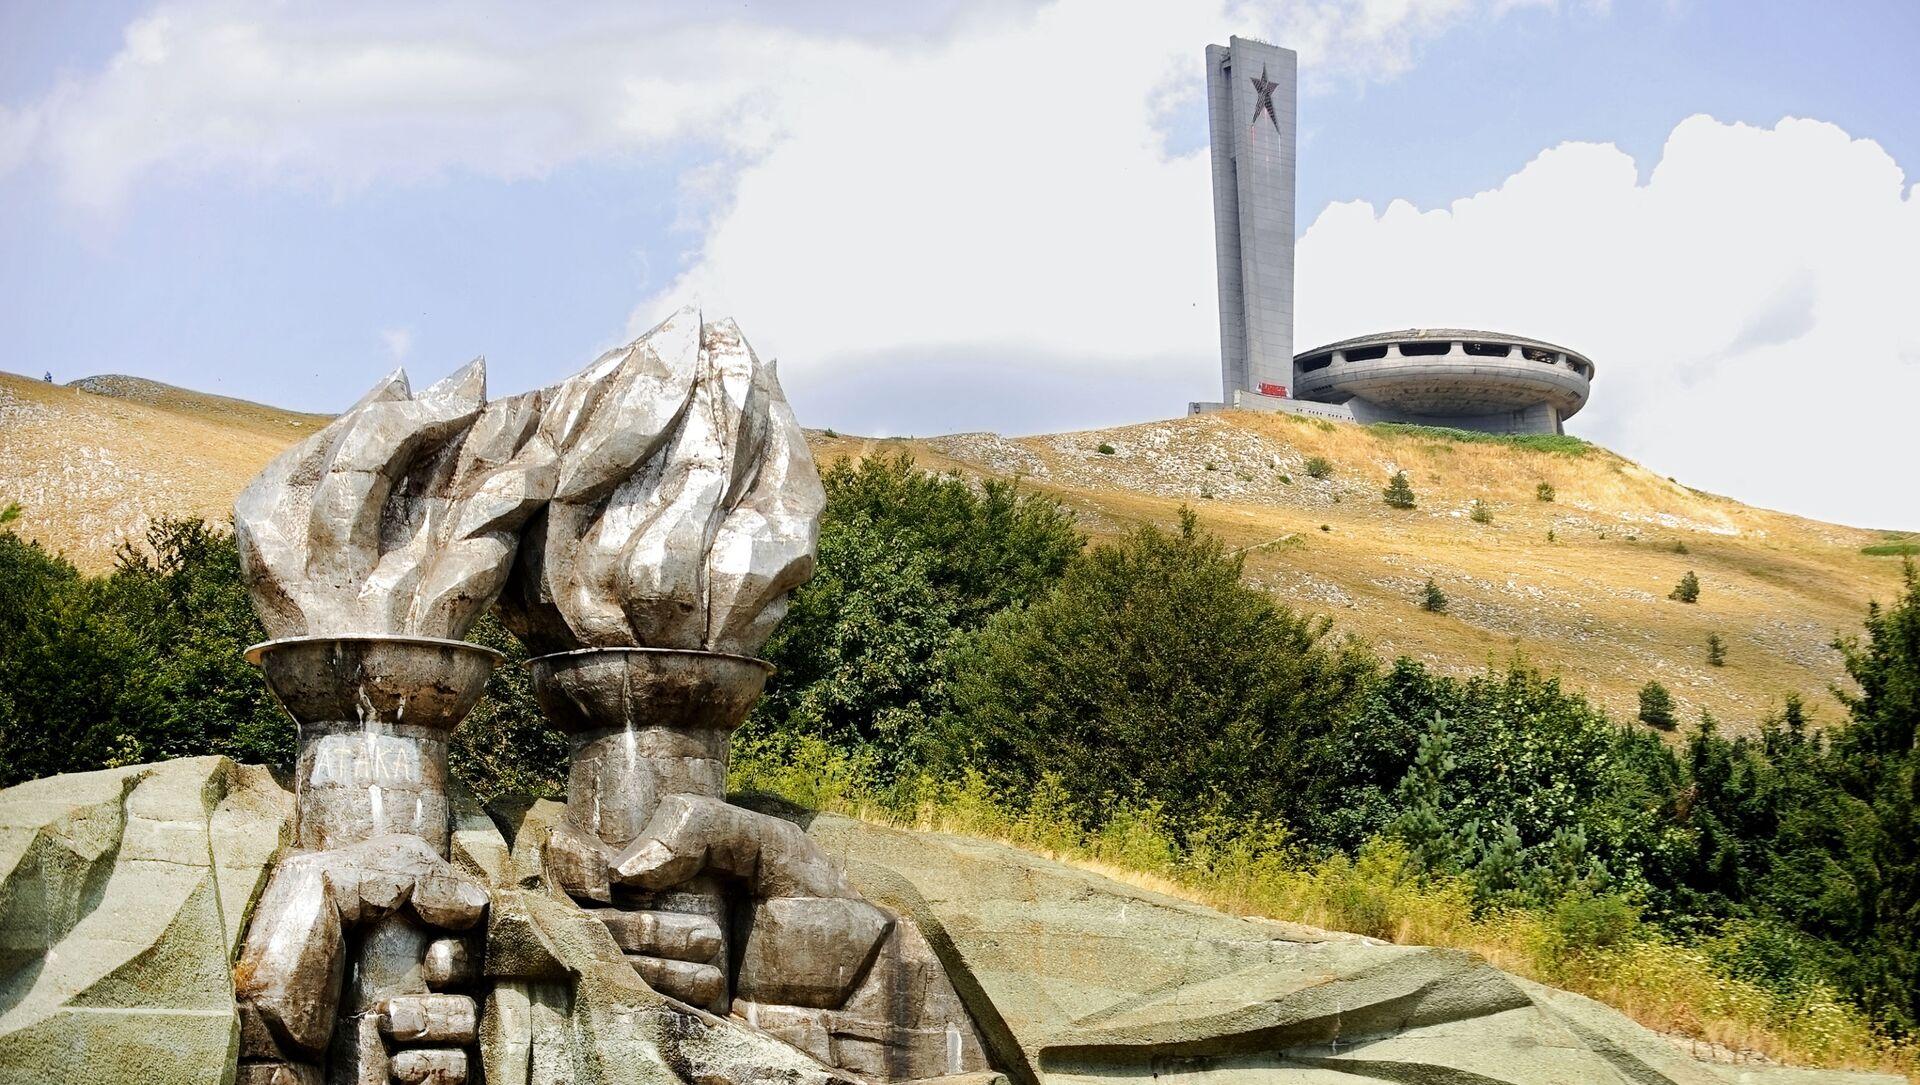 Dom-pomnik Buzludzha w Bułgarii - Sputnik Polska, 1920, 14.05.2021